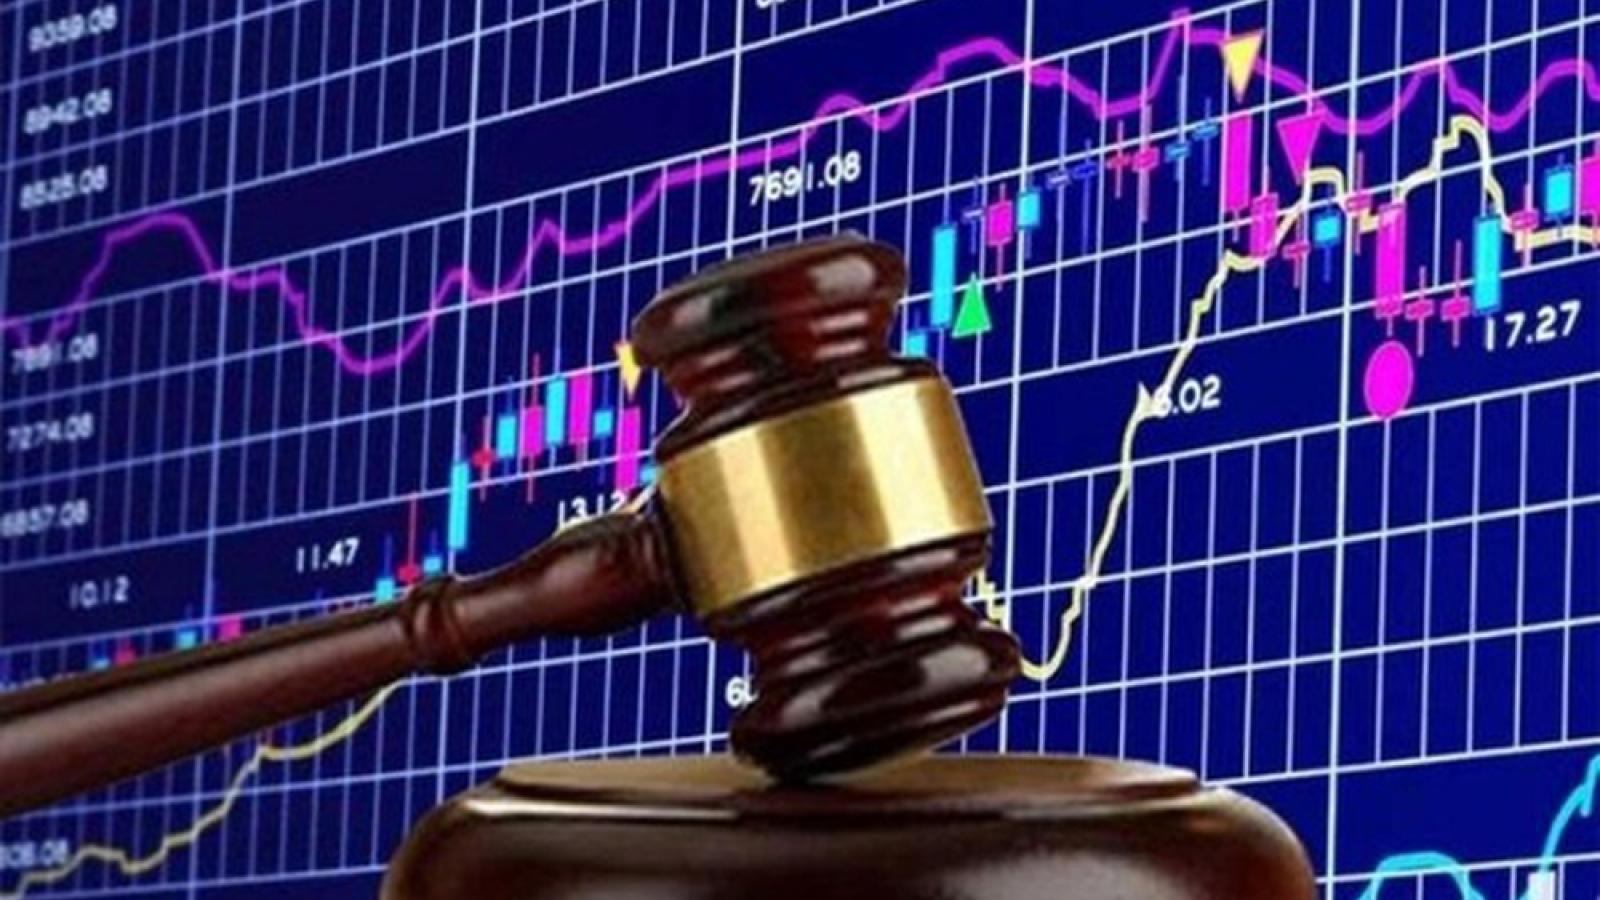 Ủy ban Chứng khoán xử phạt hàng loạt doanh nghiệp vi phạm hành chính